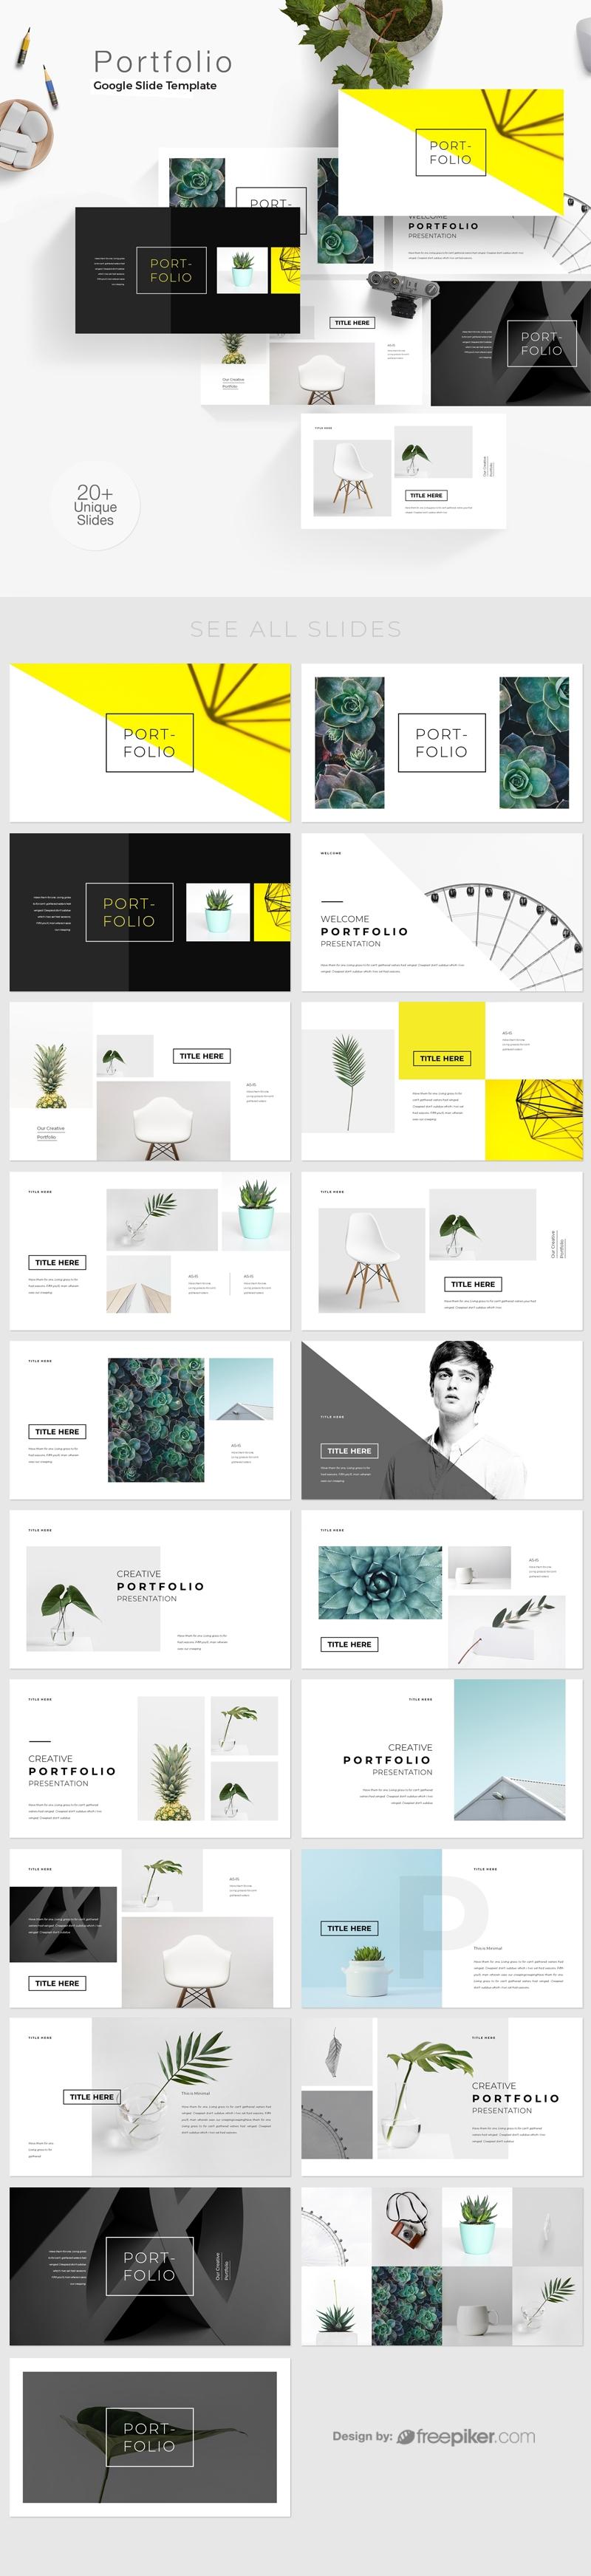 freepiker portfolio google slide template 2. Black Bedroom Furniture Sets. Home Design Ideas